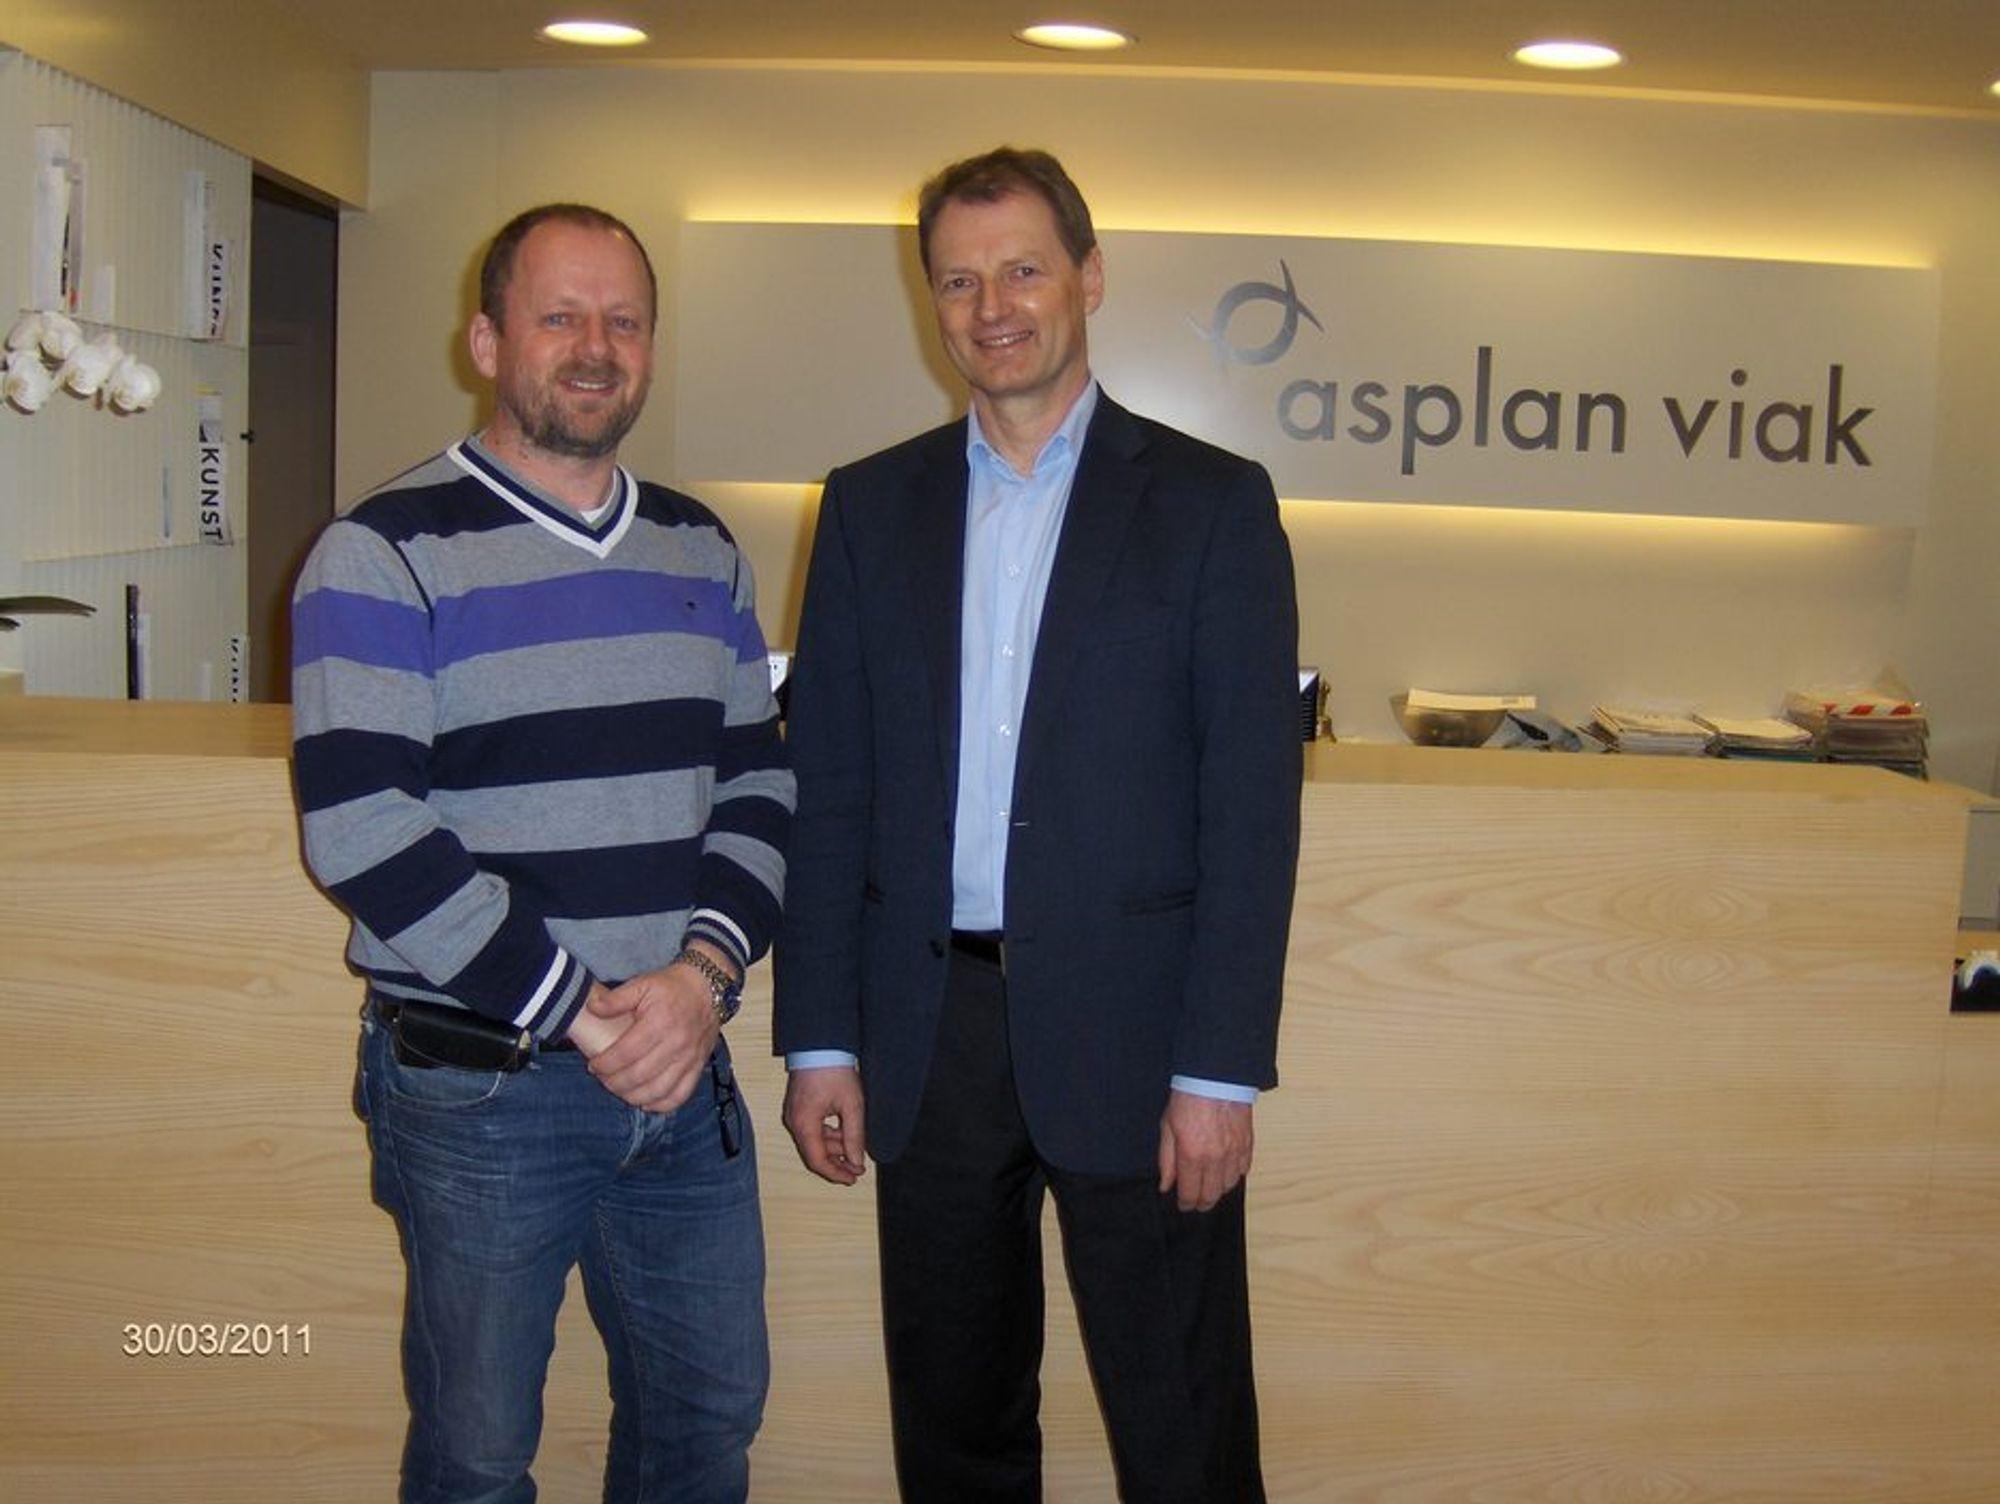 SAMMEN: Petter Nome, til venstre, har solgt selskapet sitt til Asplan Viak, her representert ved administrerende direktør Øivind Mork.